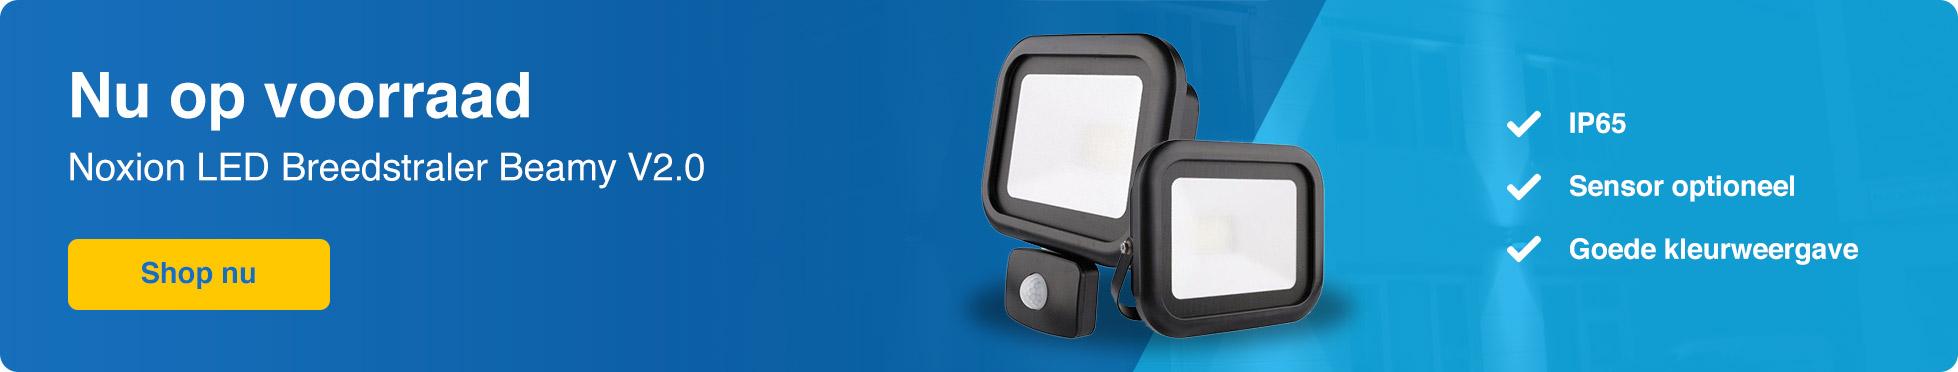 Noxion LED Beamy v2.0